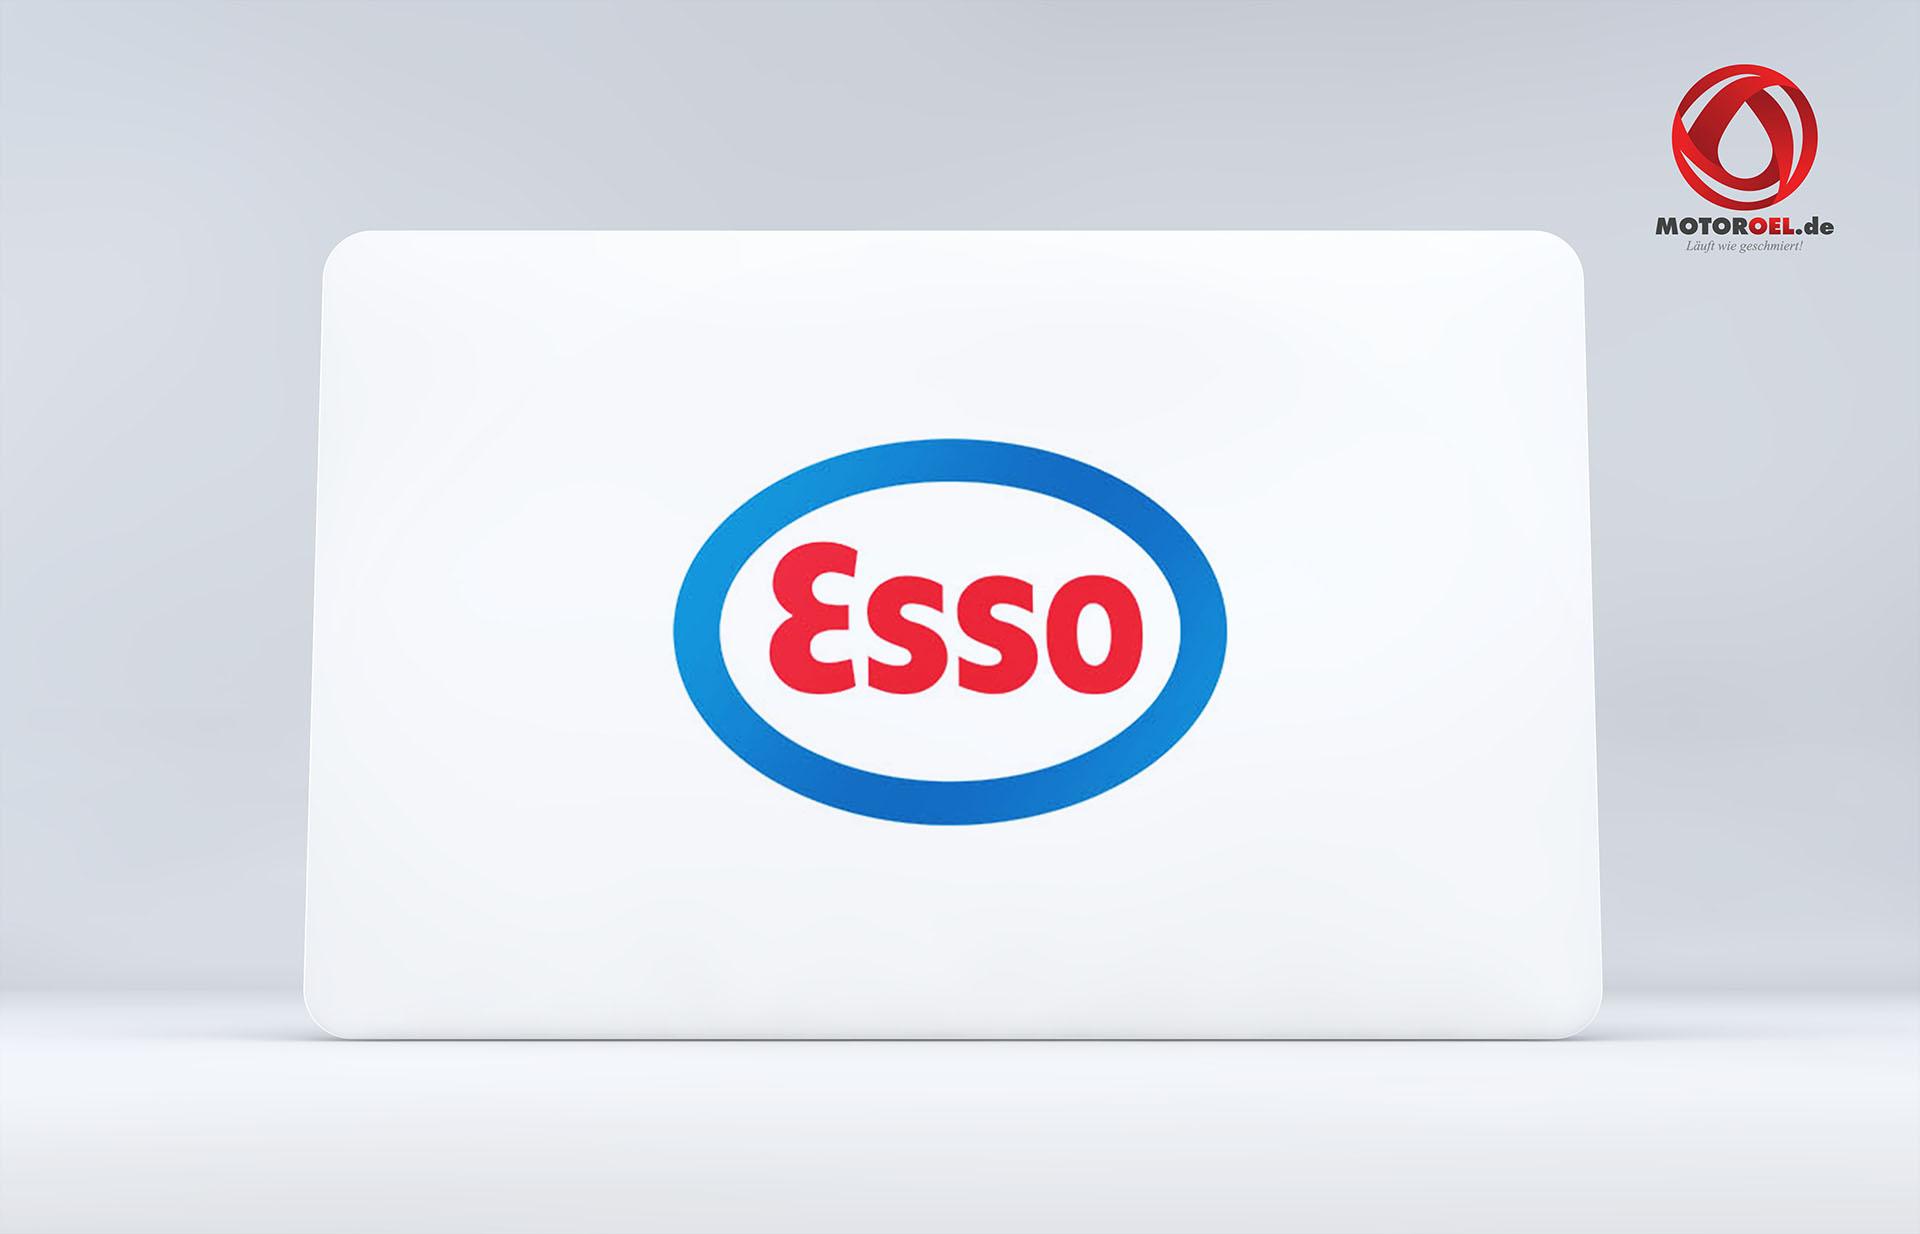 Esso Motoröl Hersteller 5w30